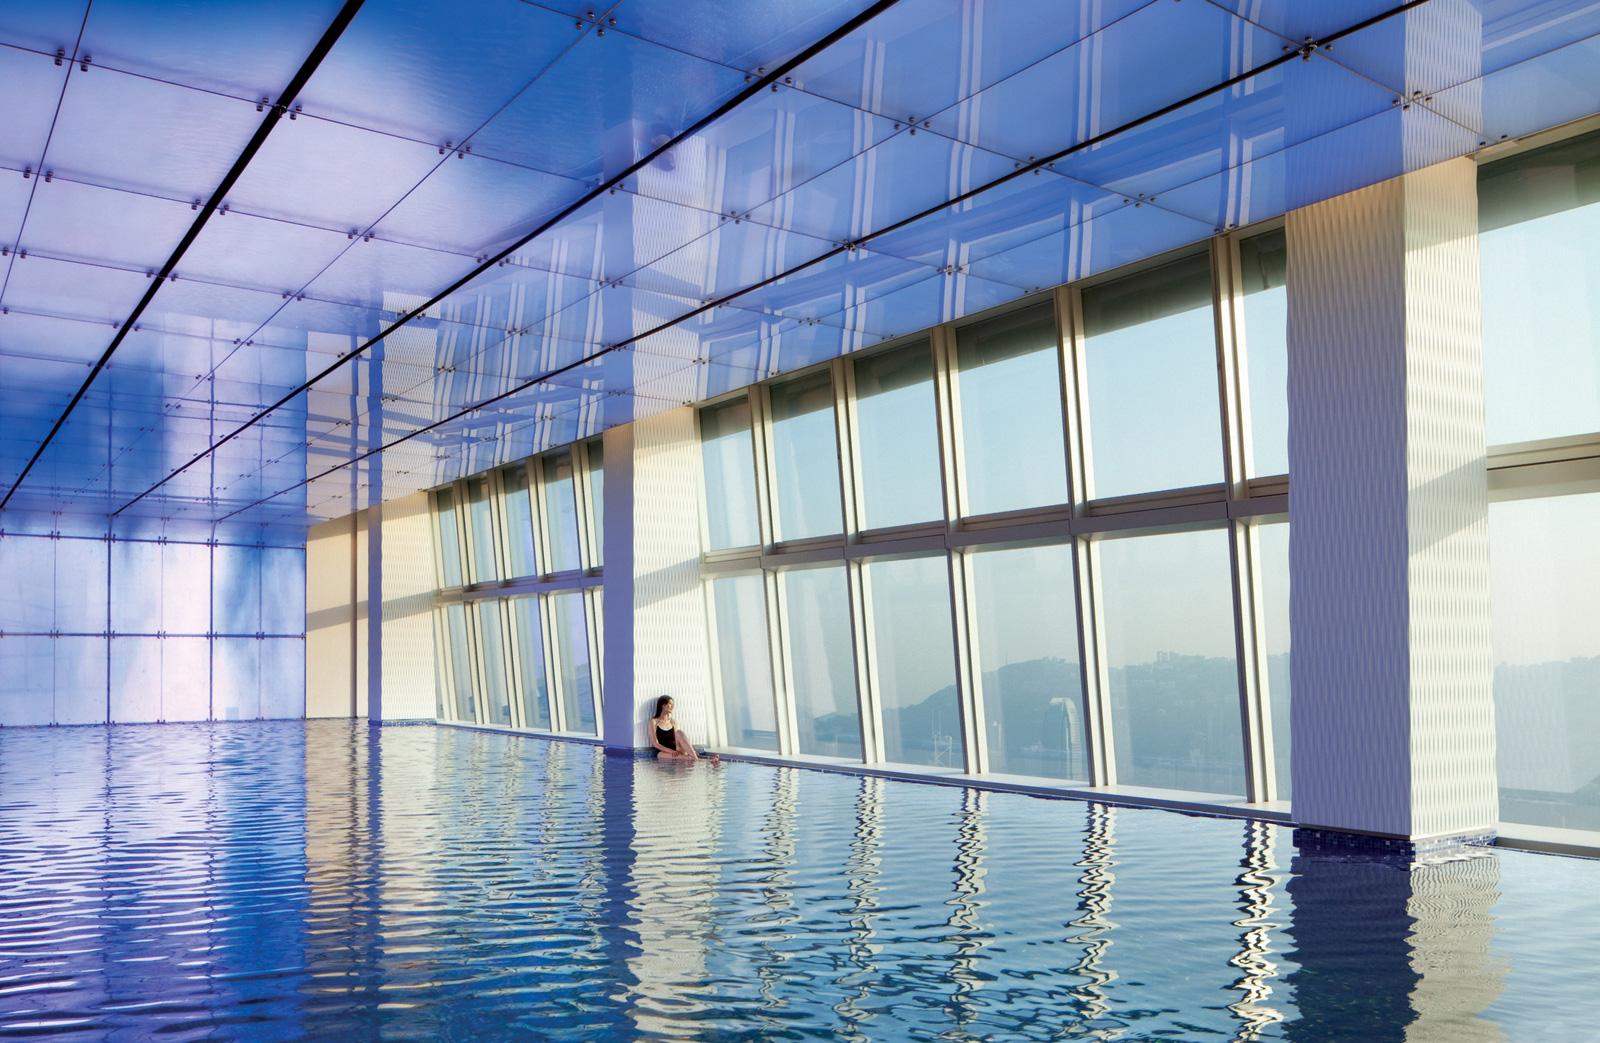 Swimming pool at The Ritz-Carlton, Hong Kong